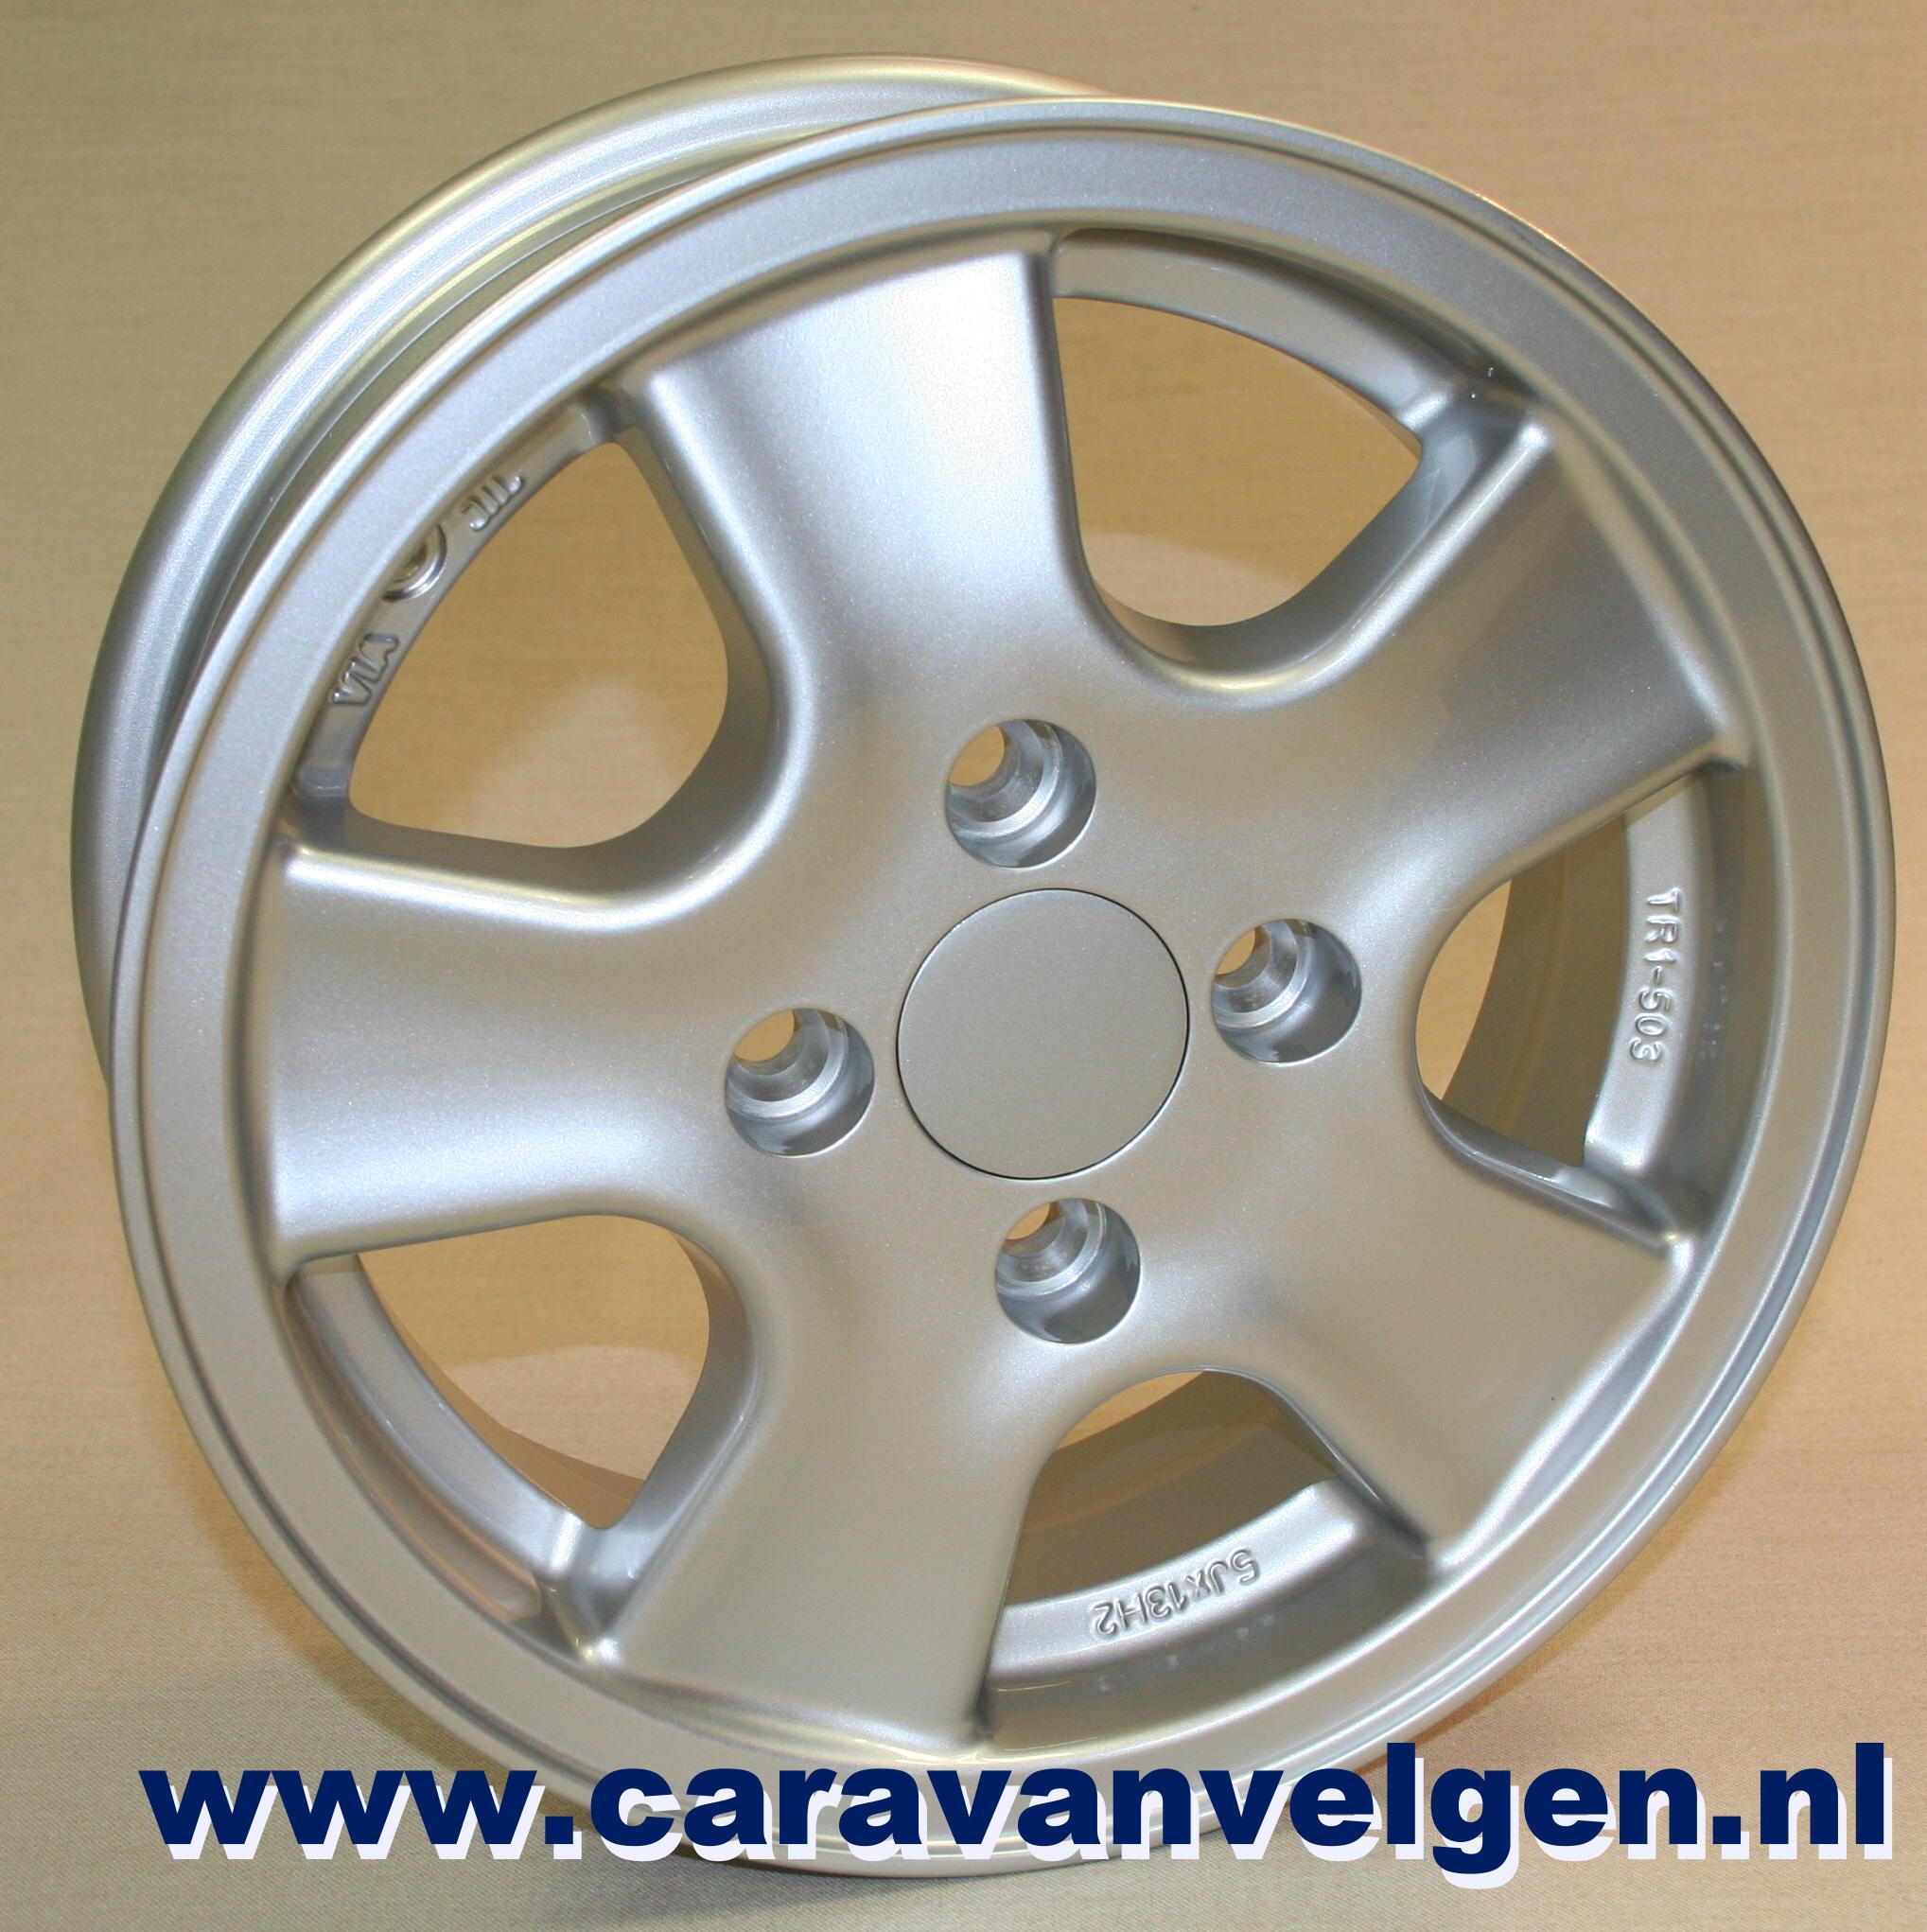 5jx13 4 Gats Aluminium Caravan Velg Model Tr1 503 Draaglast 800kg Aluminiumvelg